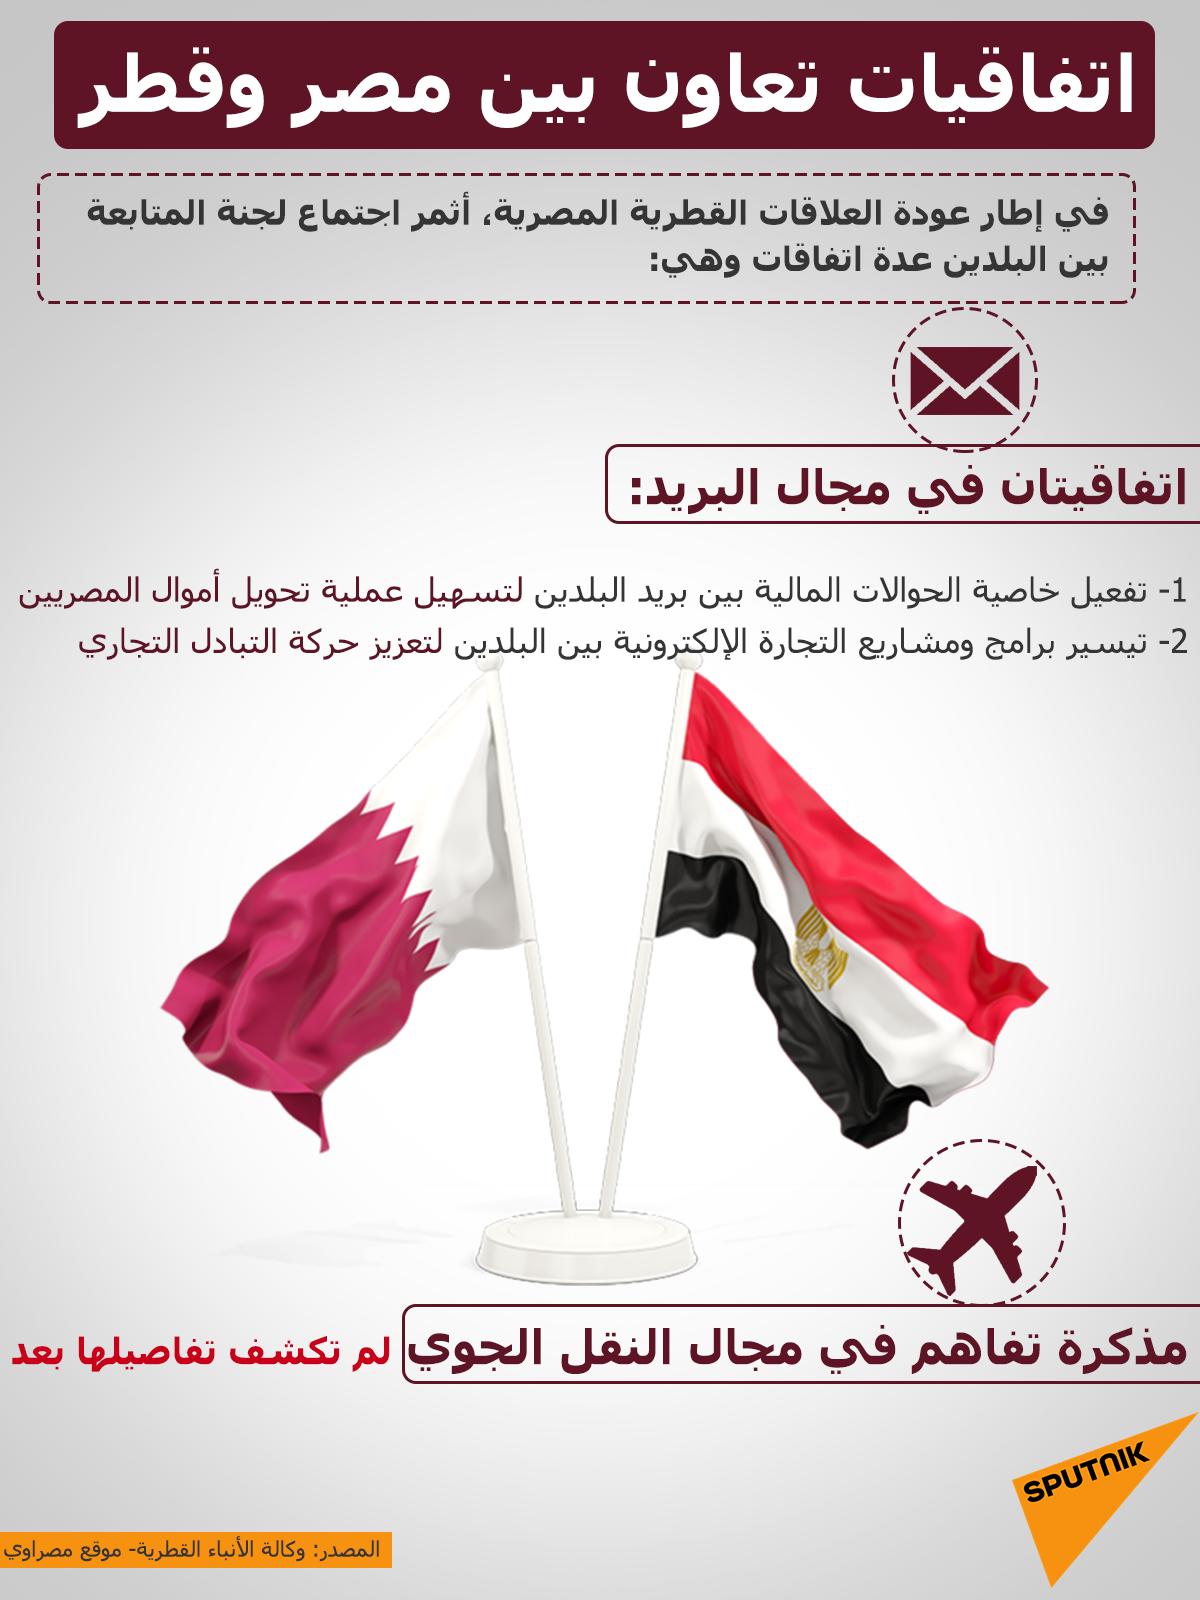 اتفاقيات تعاون بين مصر وقطر